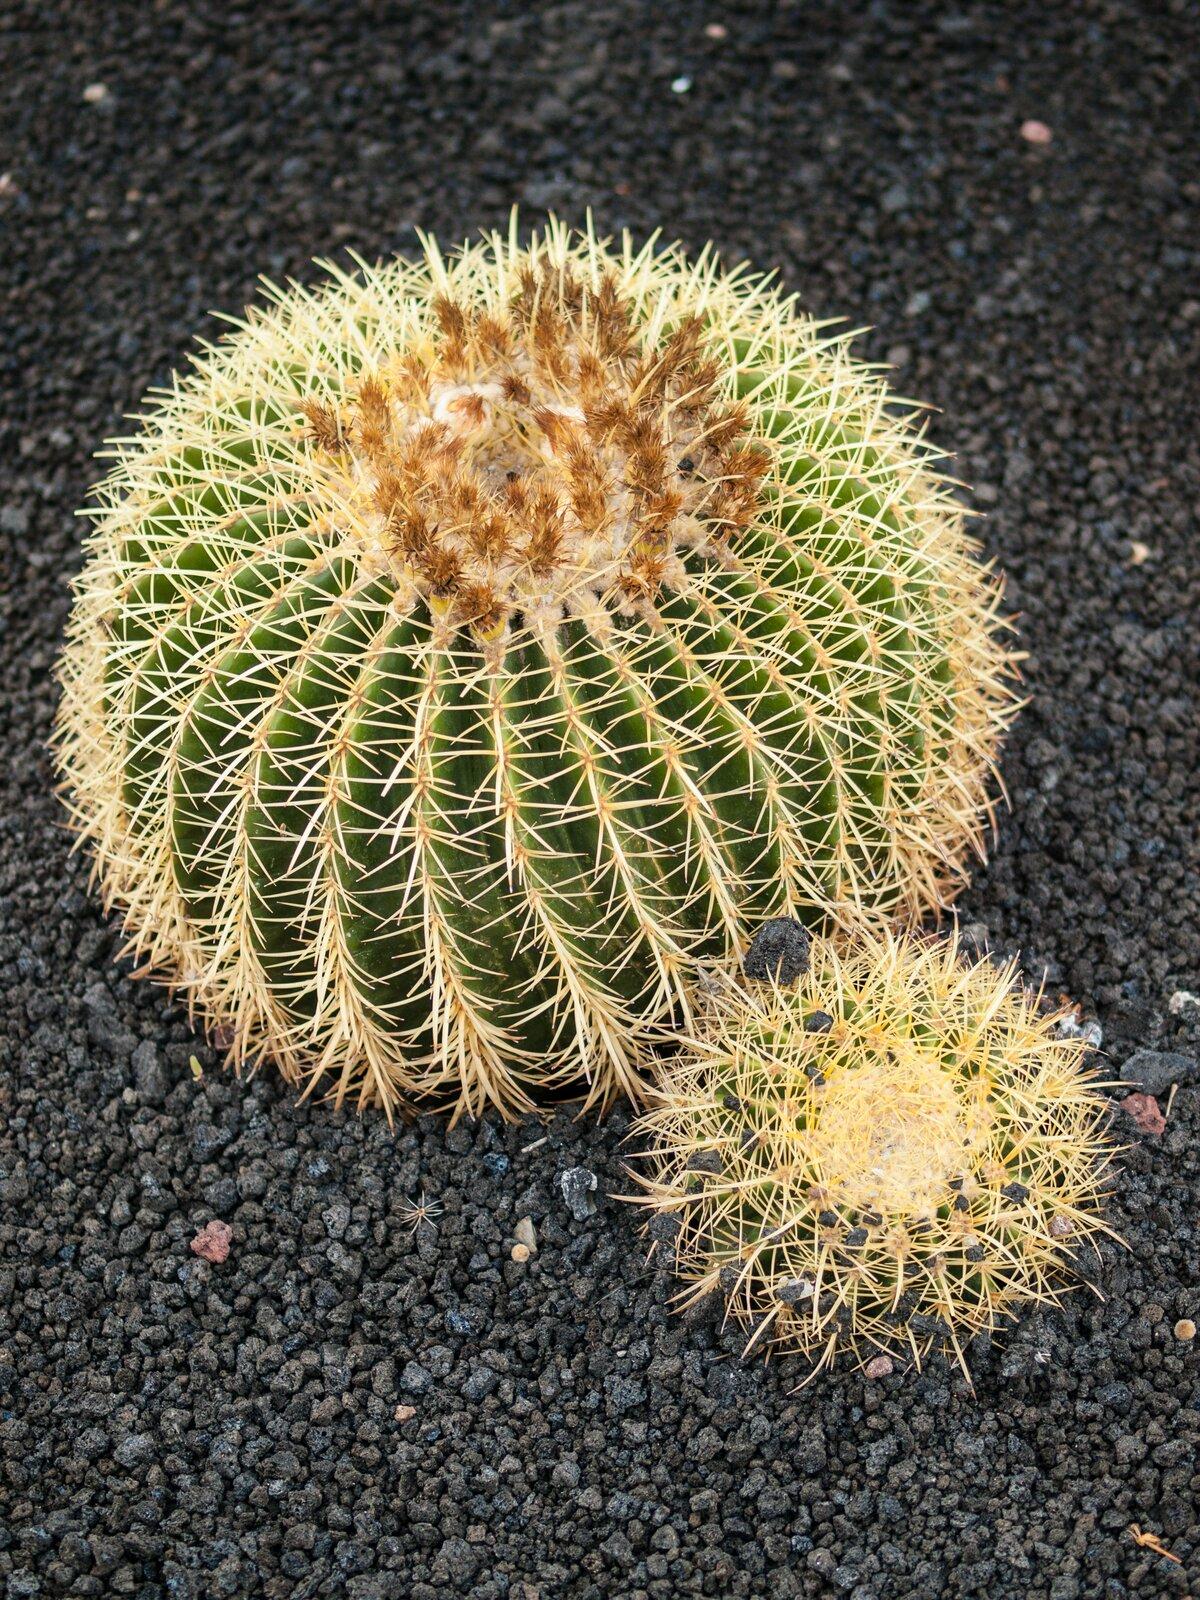 Kulista łodyga kaktusa pozbawiona blaszek liściowych ma małą powierzchnię parowania